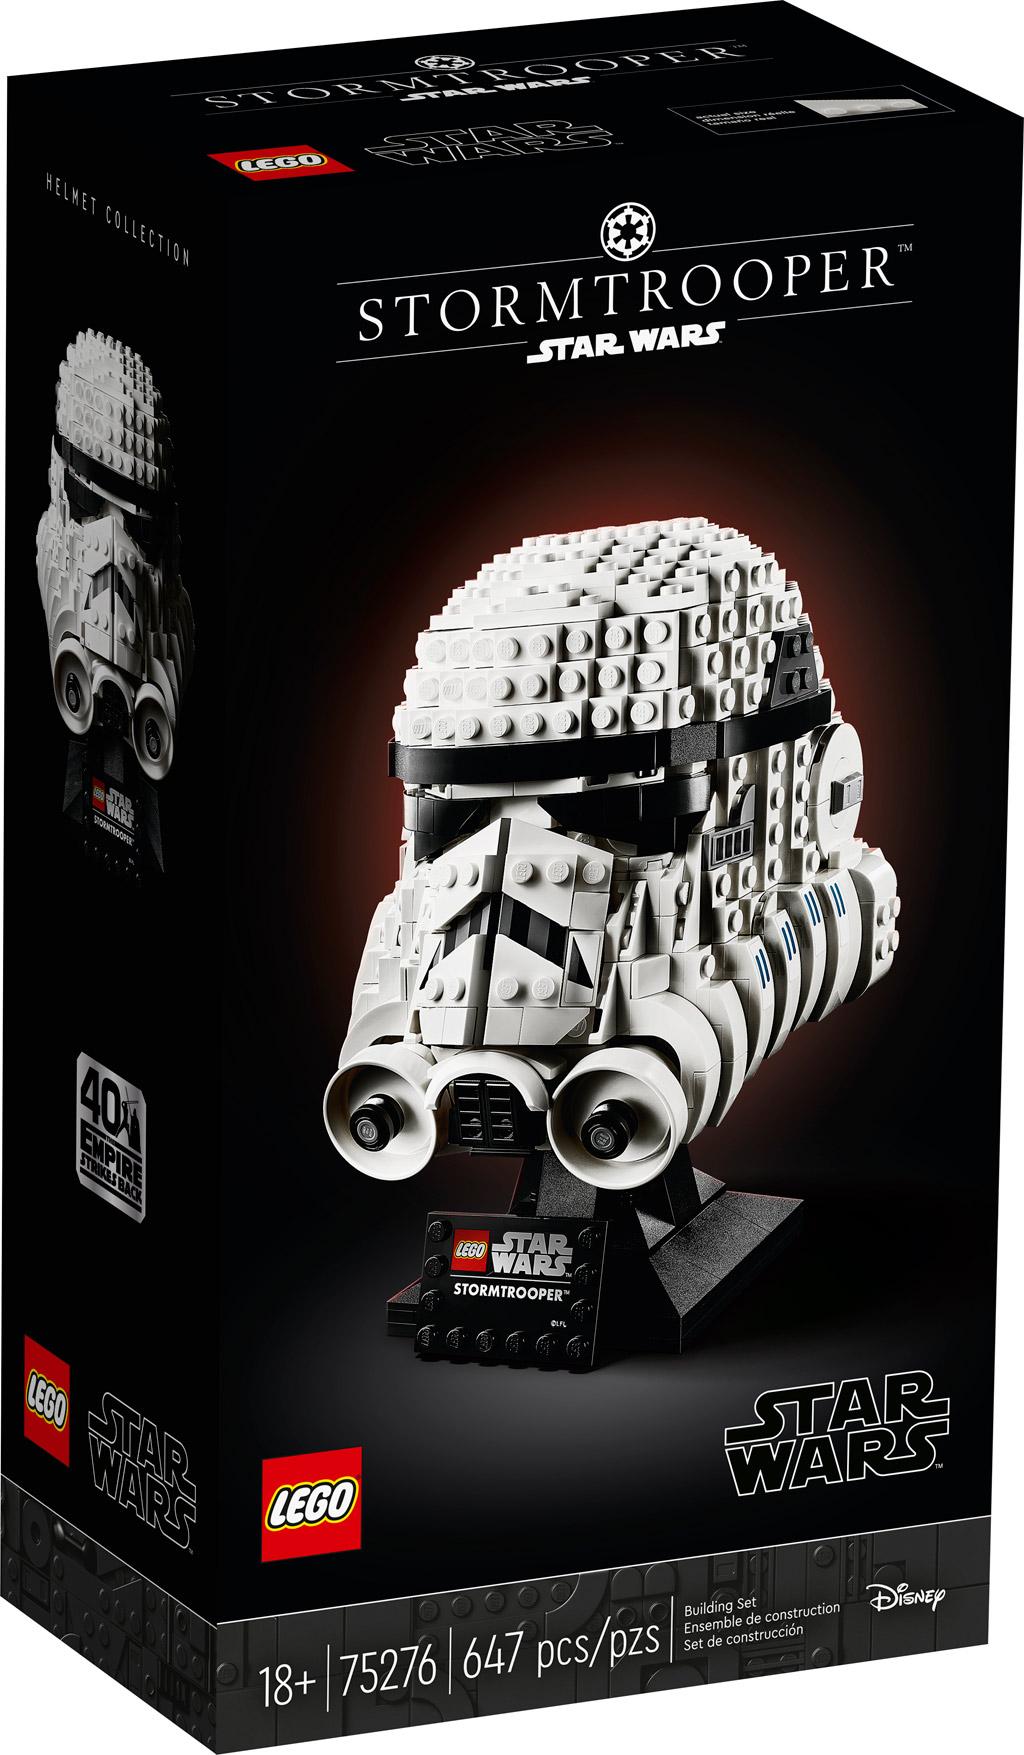 lego-star-wars-75276-stormtrooper-helm-box-front-2020 zusammengebaut.com